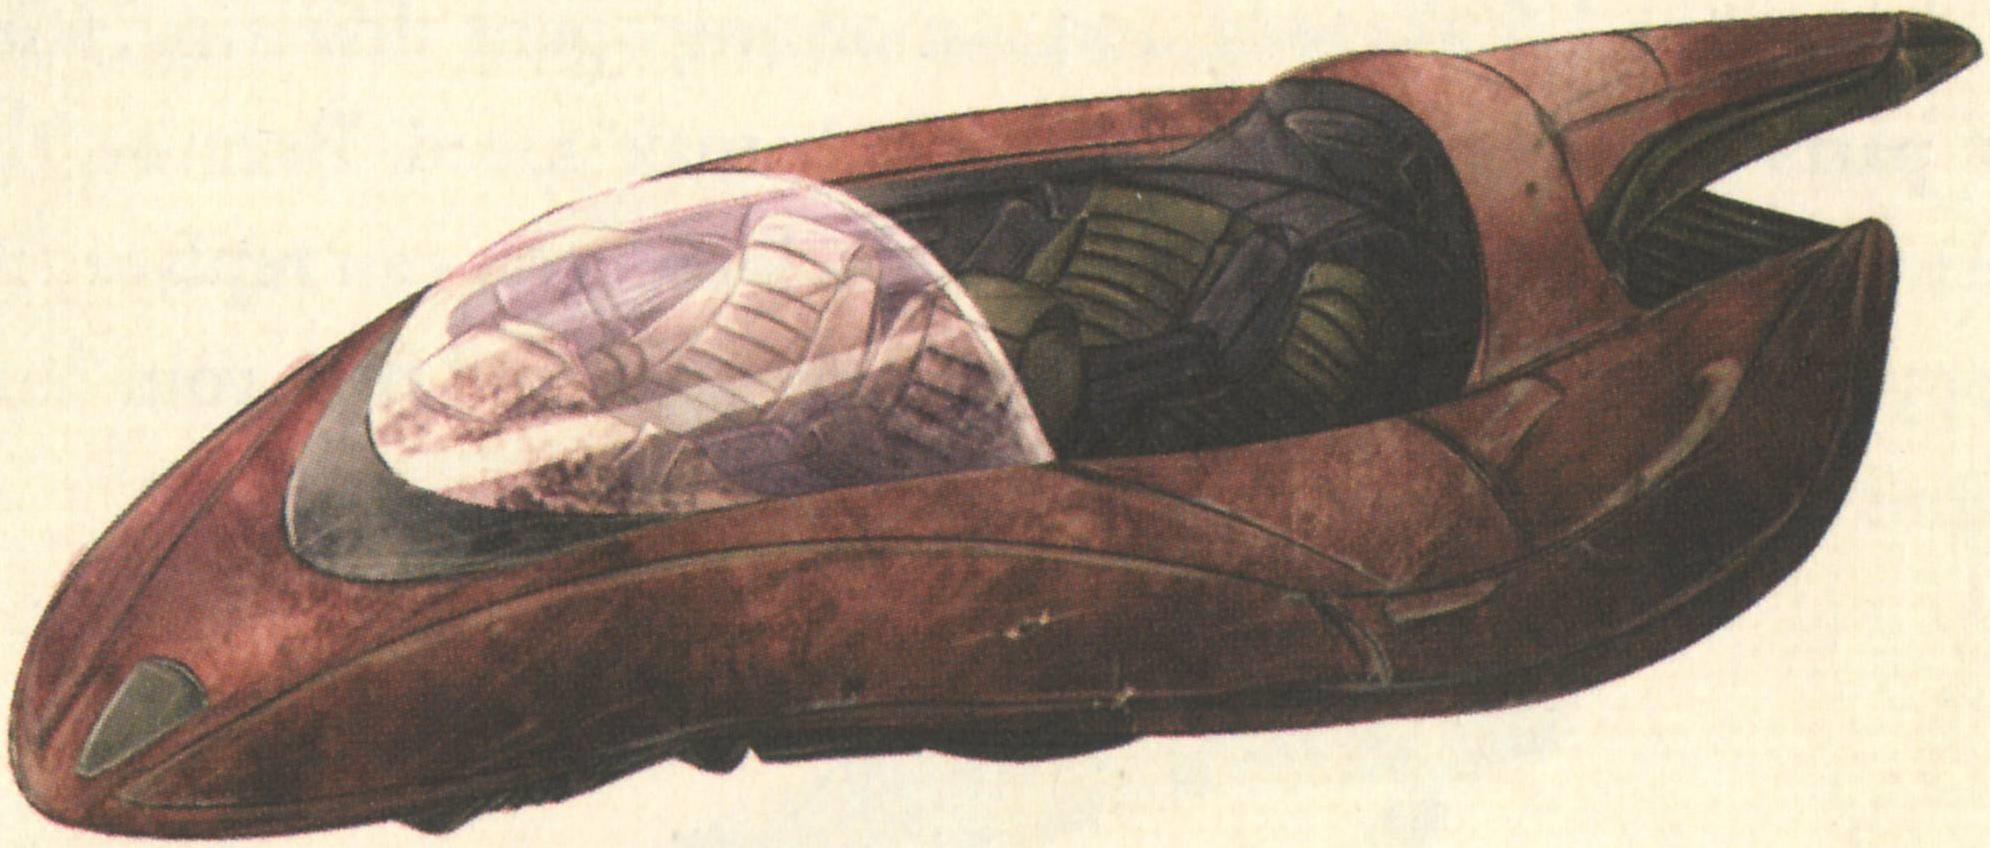 BAX-7 landspeeder